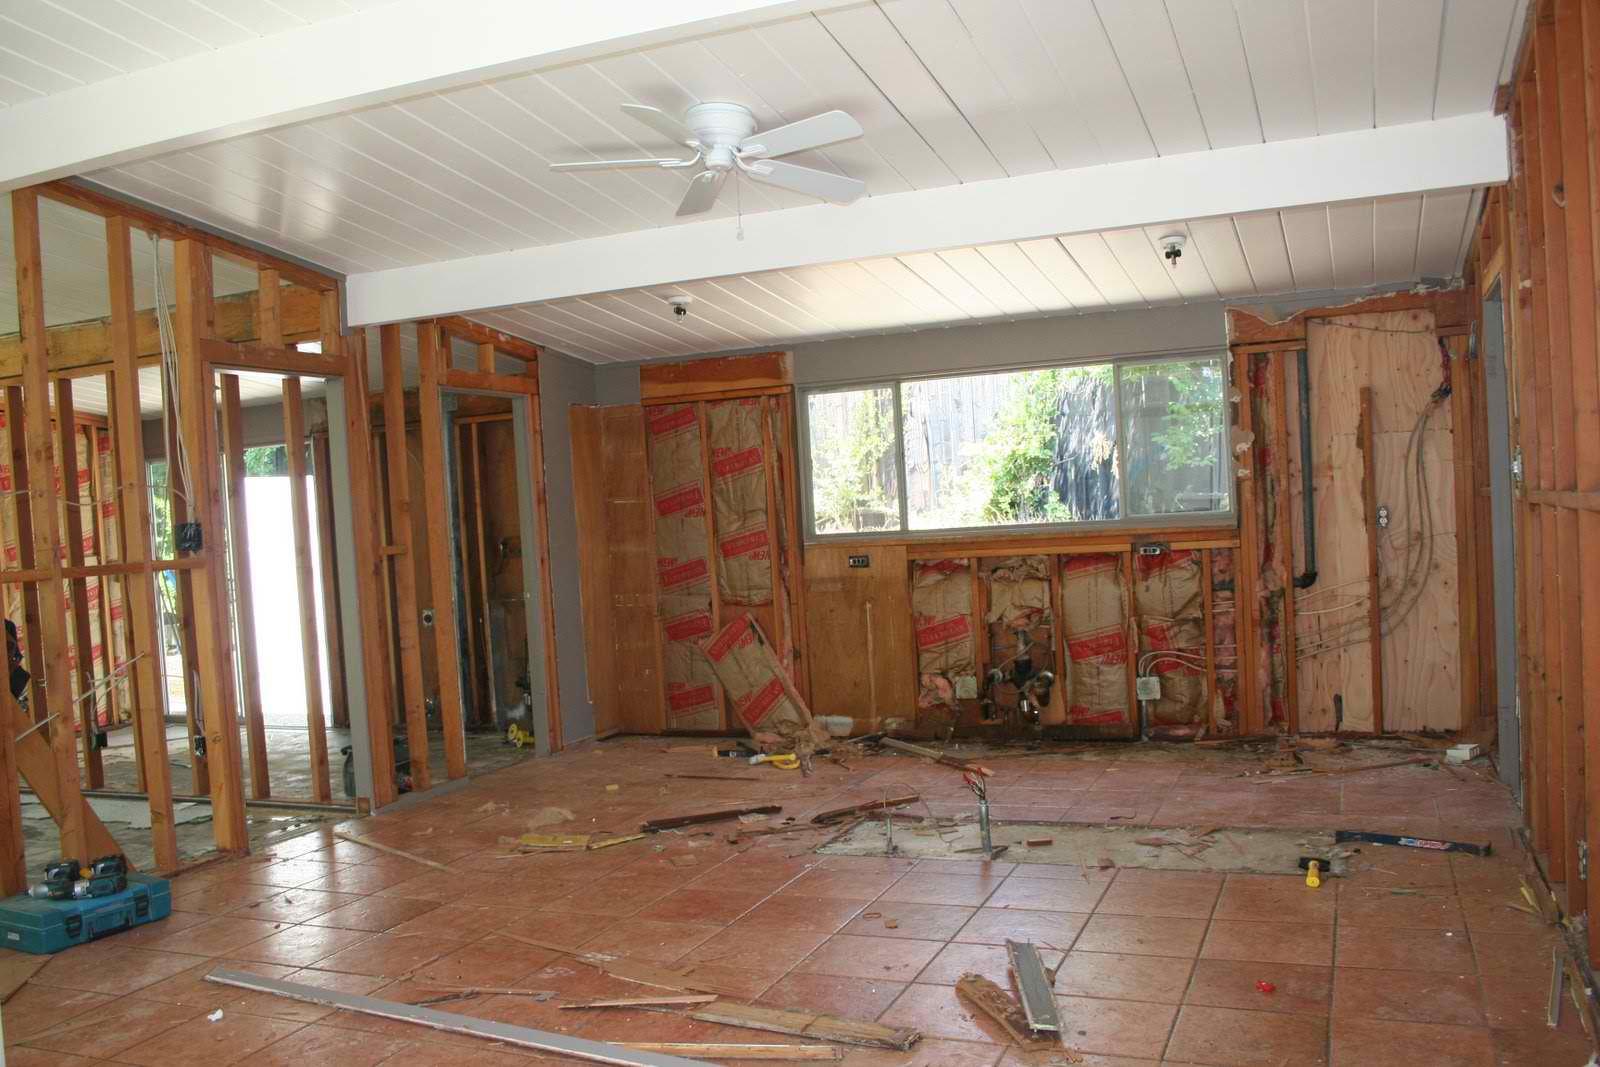 Eichler demo pictures, renovation begins